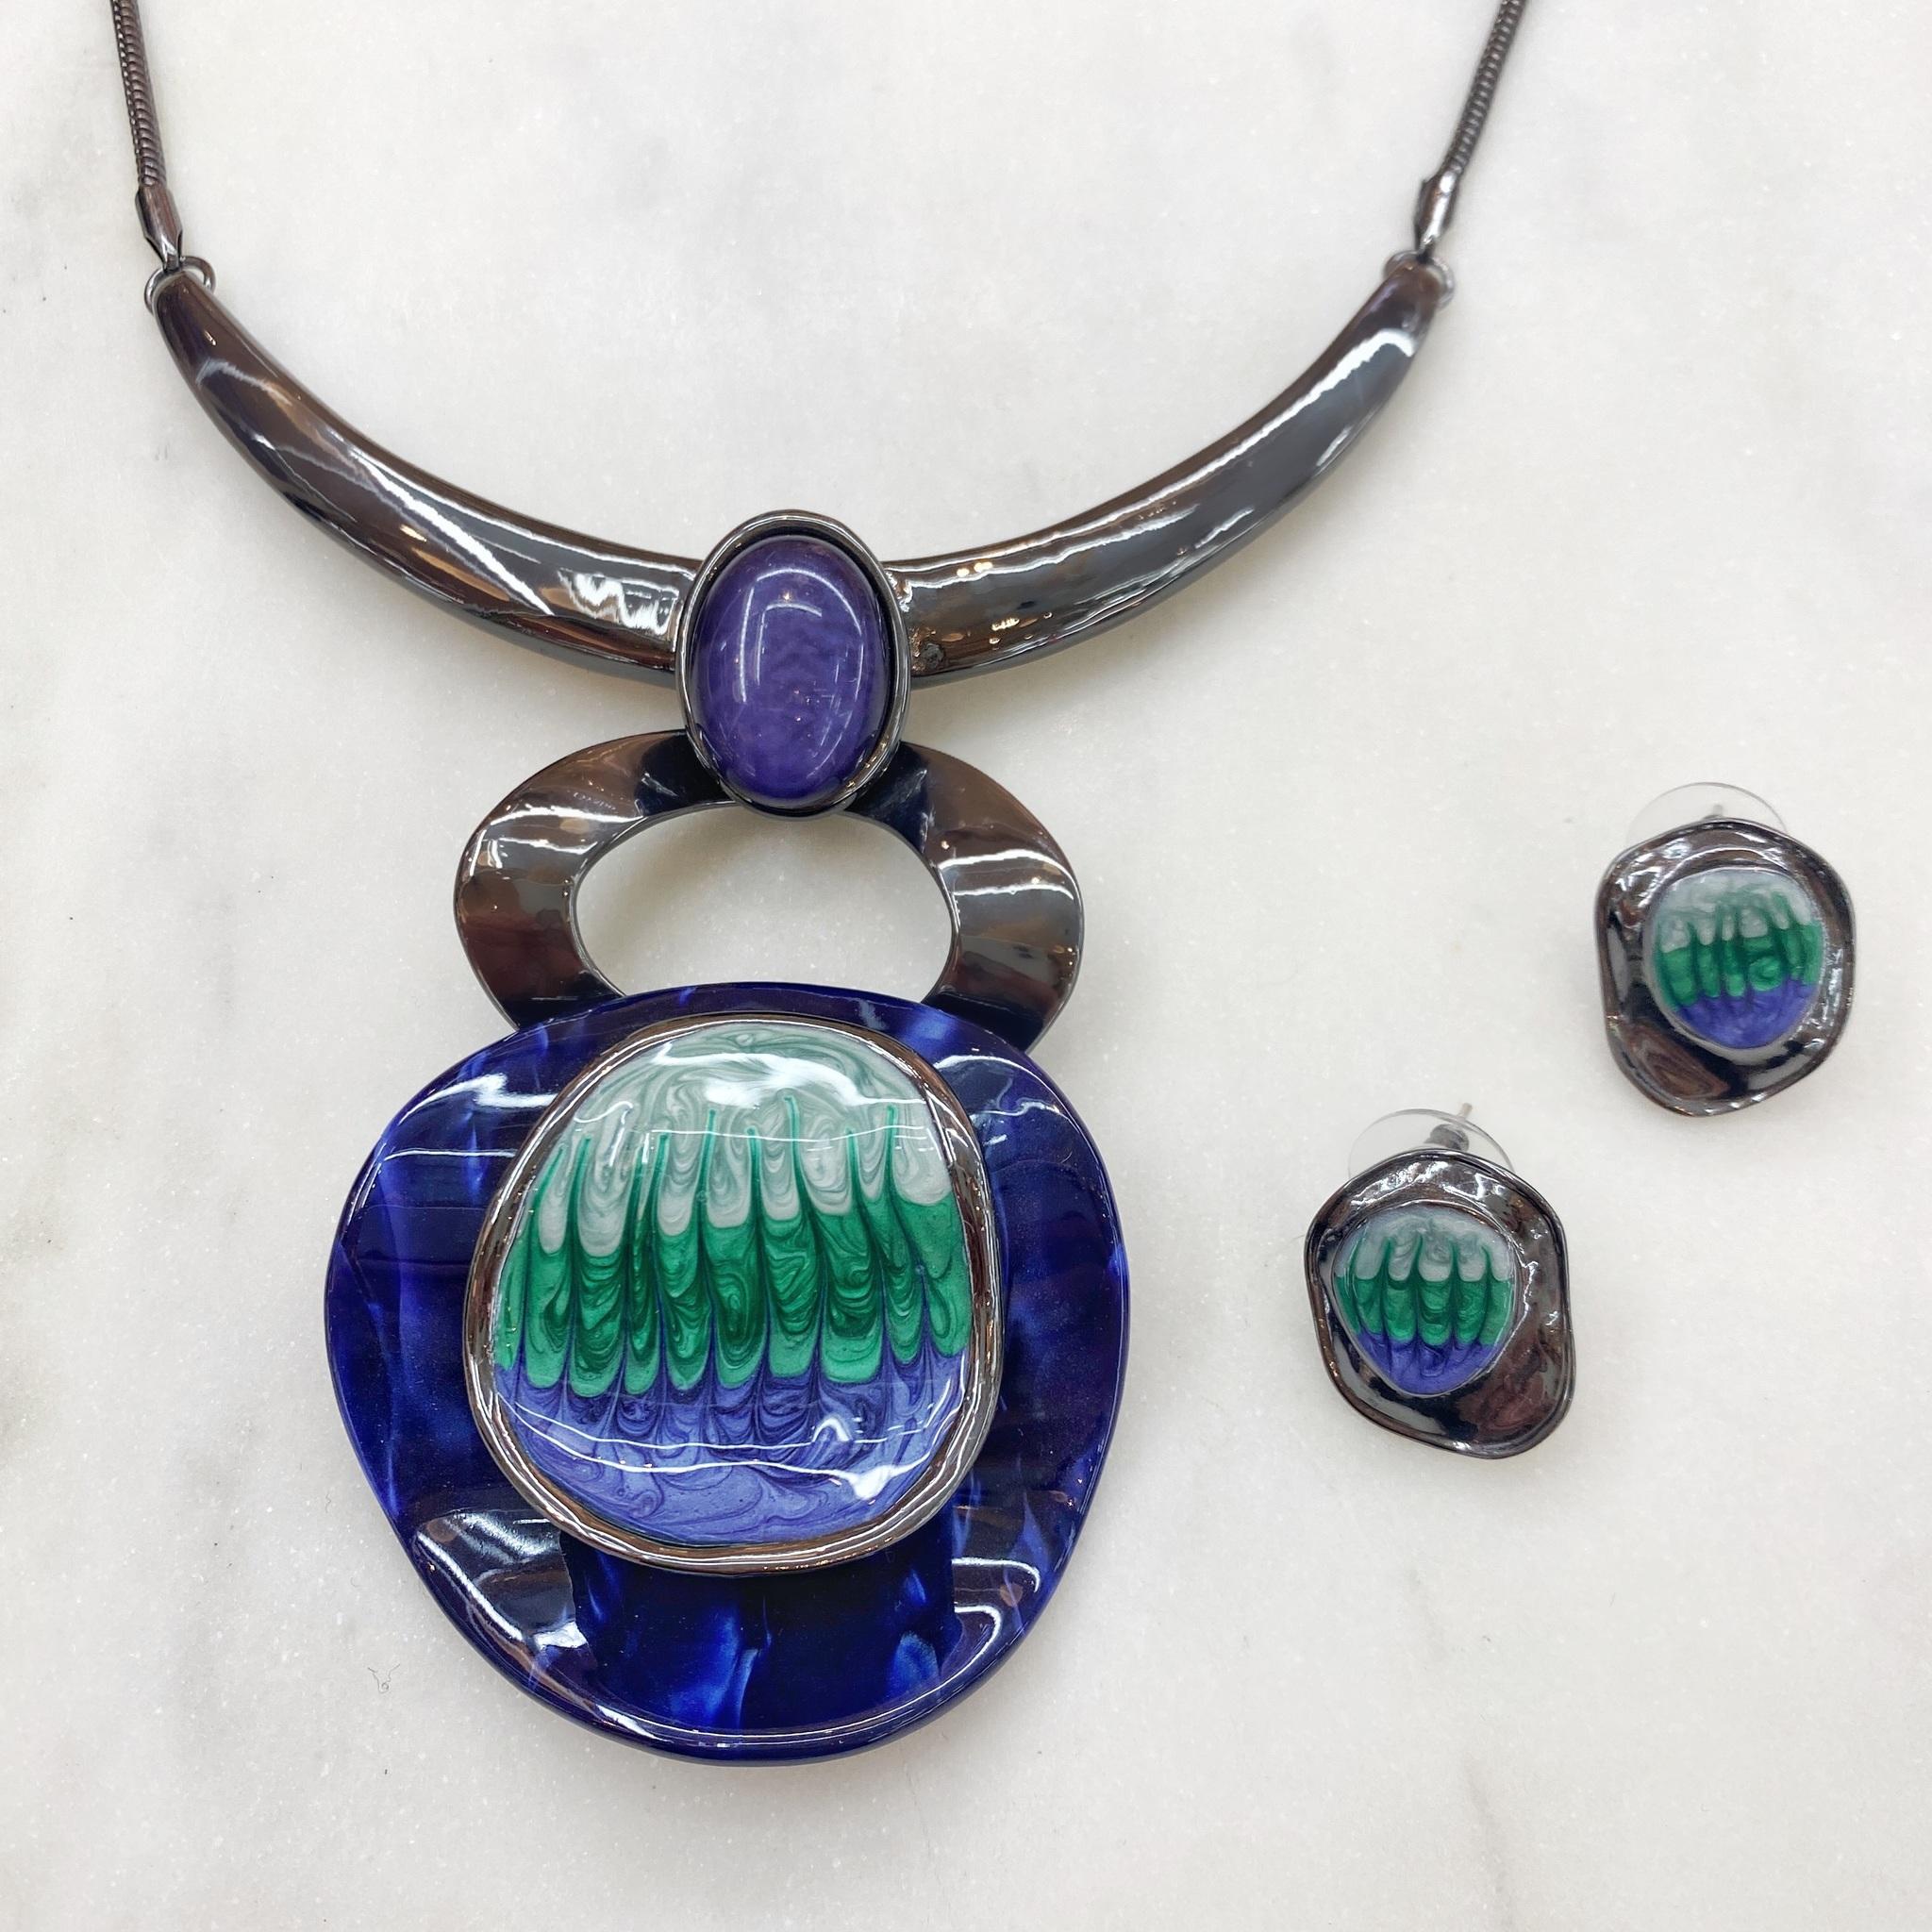 Комплект Арт Плей Мод.14 синий (худ.стекло, глазурь, акрил)